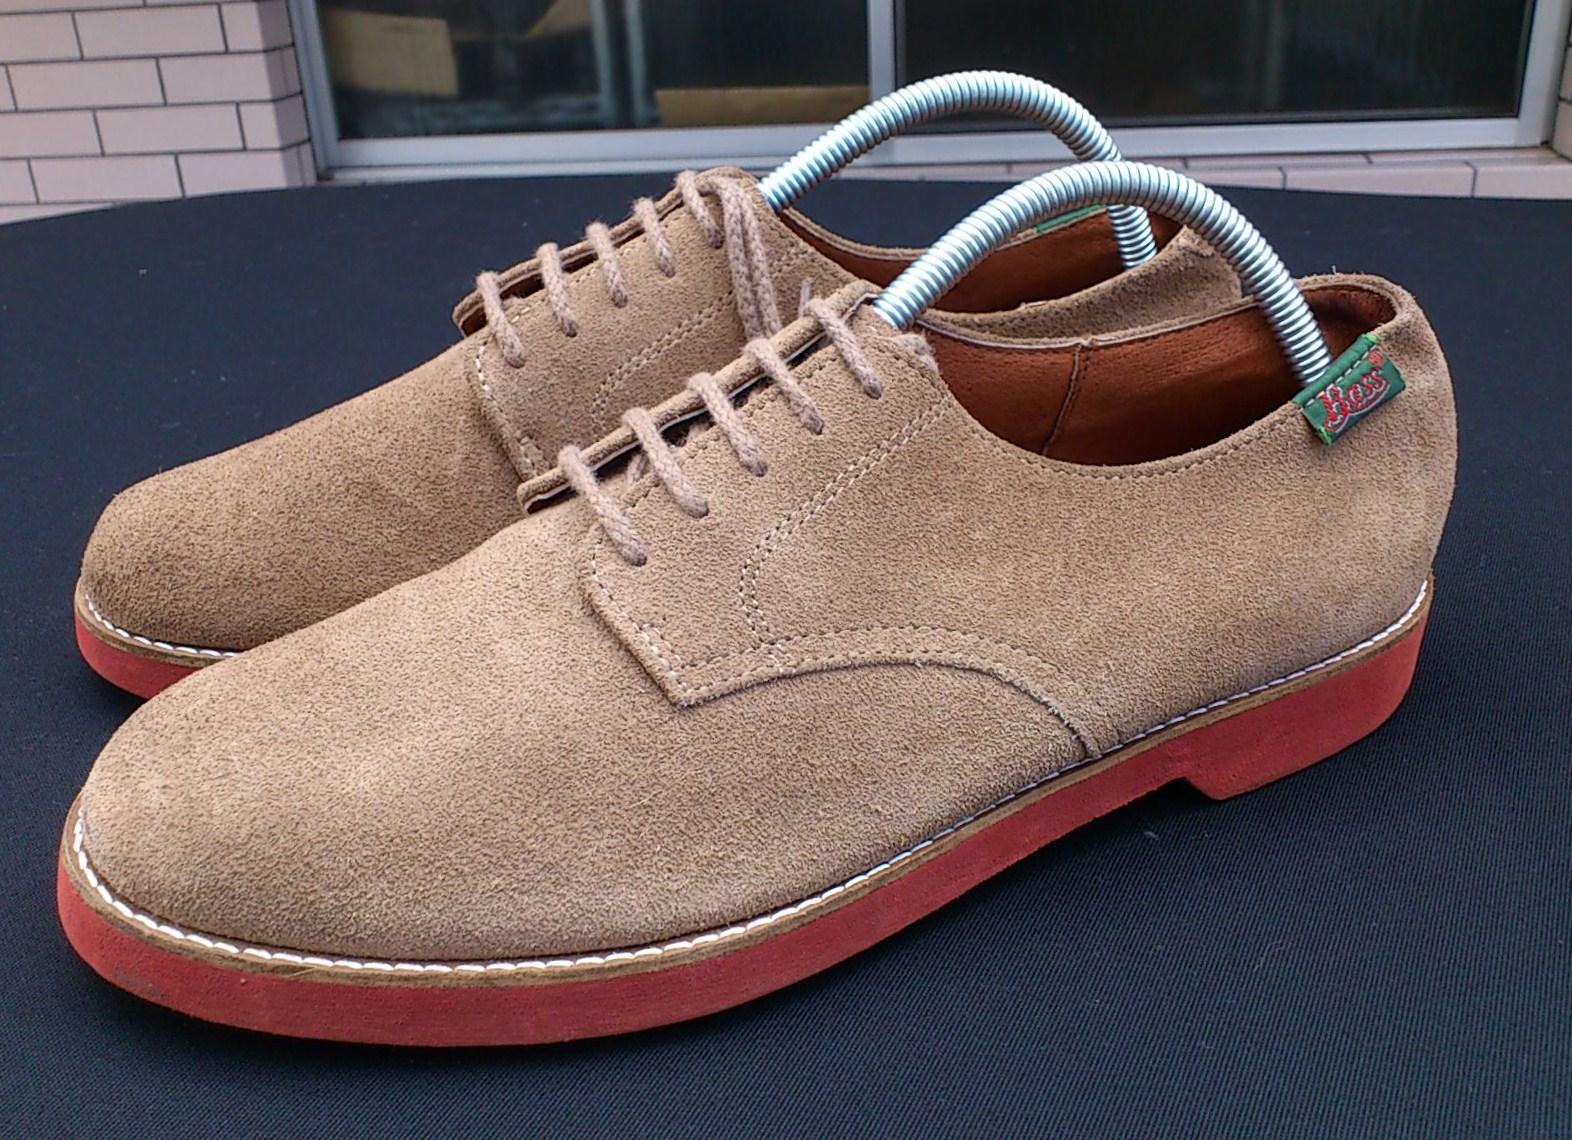 秋っぽい靴ということで、、、ダーティーバックスは如何でしょう? : TRADE BLOG